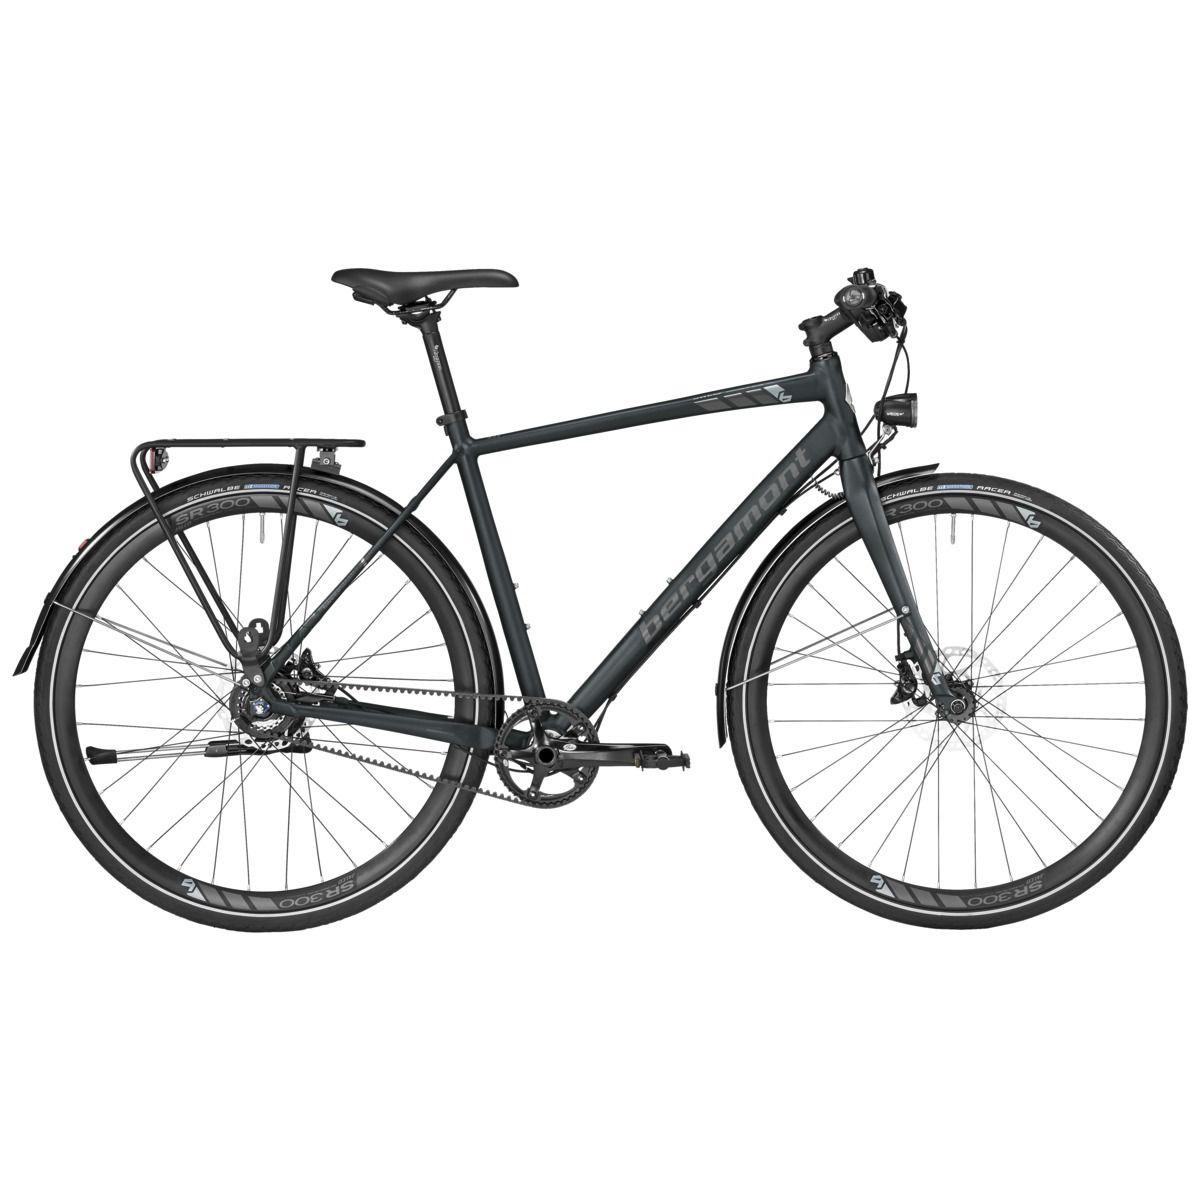 Vélo urbain/trekking Bergamont Sweep MGN EQ Gent Noir mat - M / 52 cm